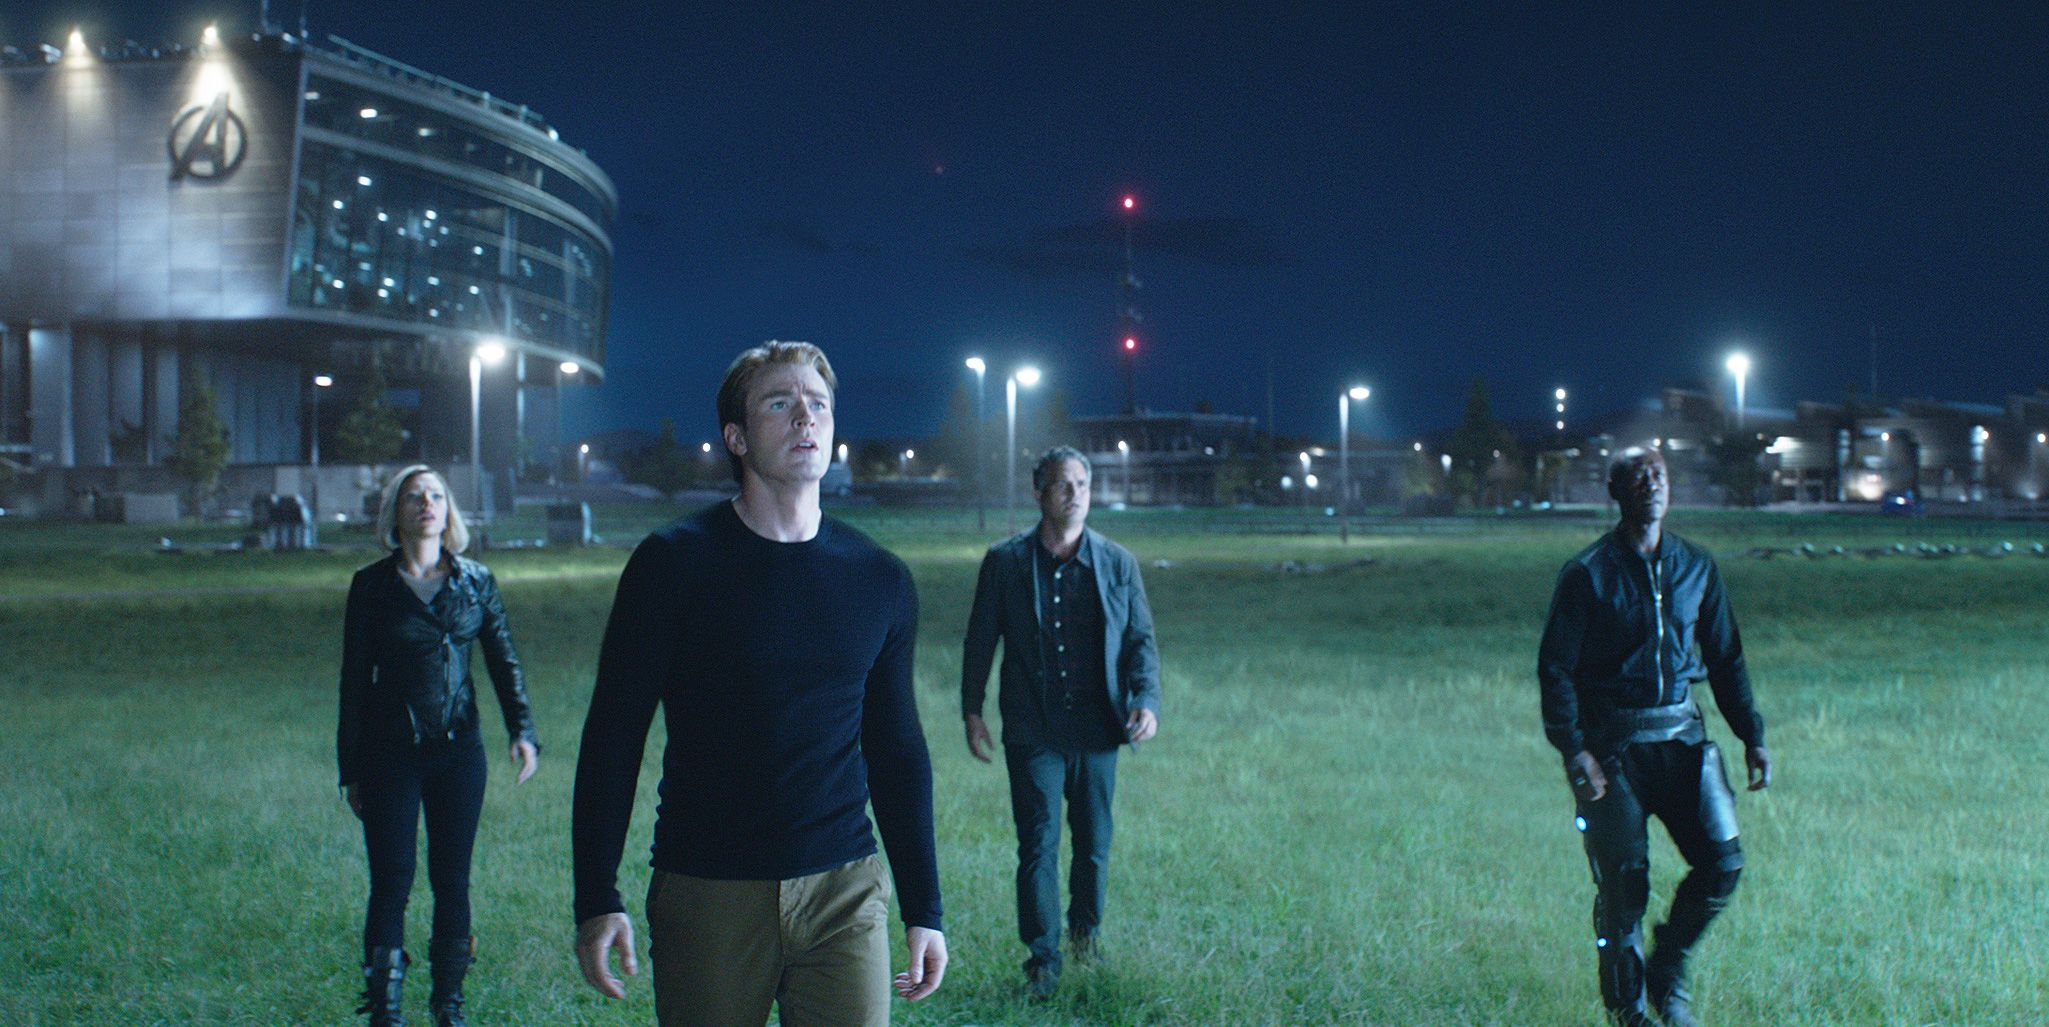 Avengers: Endgame, Chris Evans, Scarlett Johansson, Mark Ruffalo, Anthony Mackie